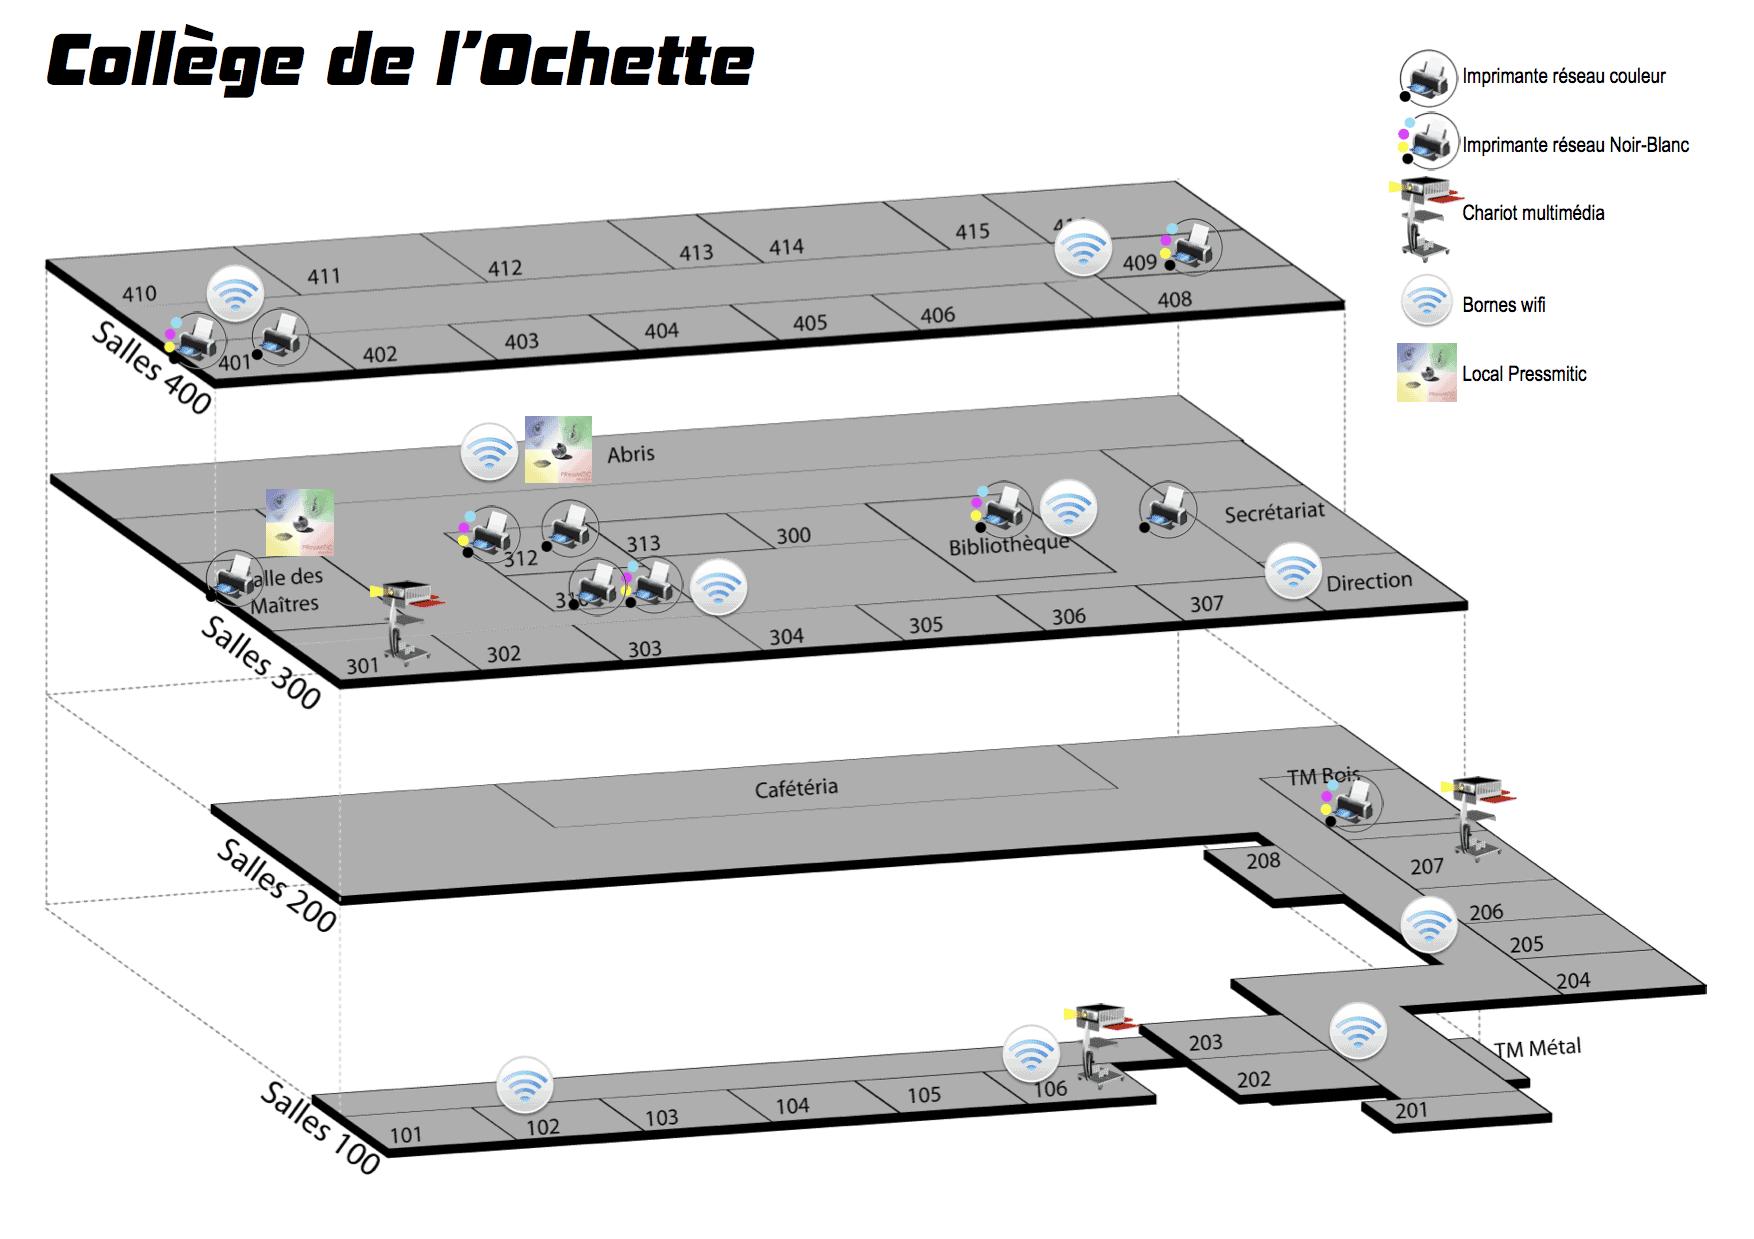 Ochette